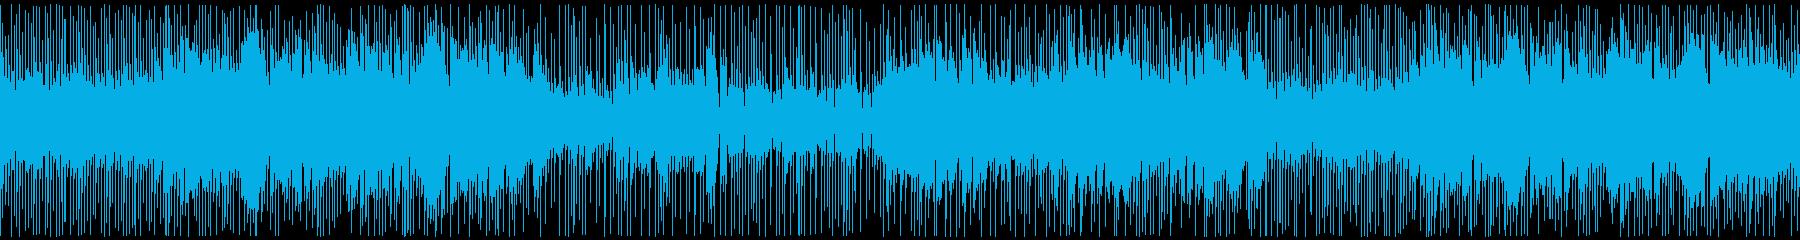 和風VP系3、和楽器ロック、バトル疾走Cの再生済みの波形